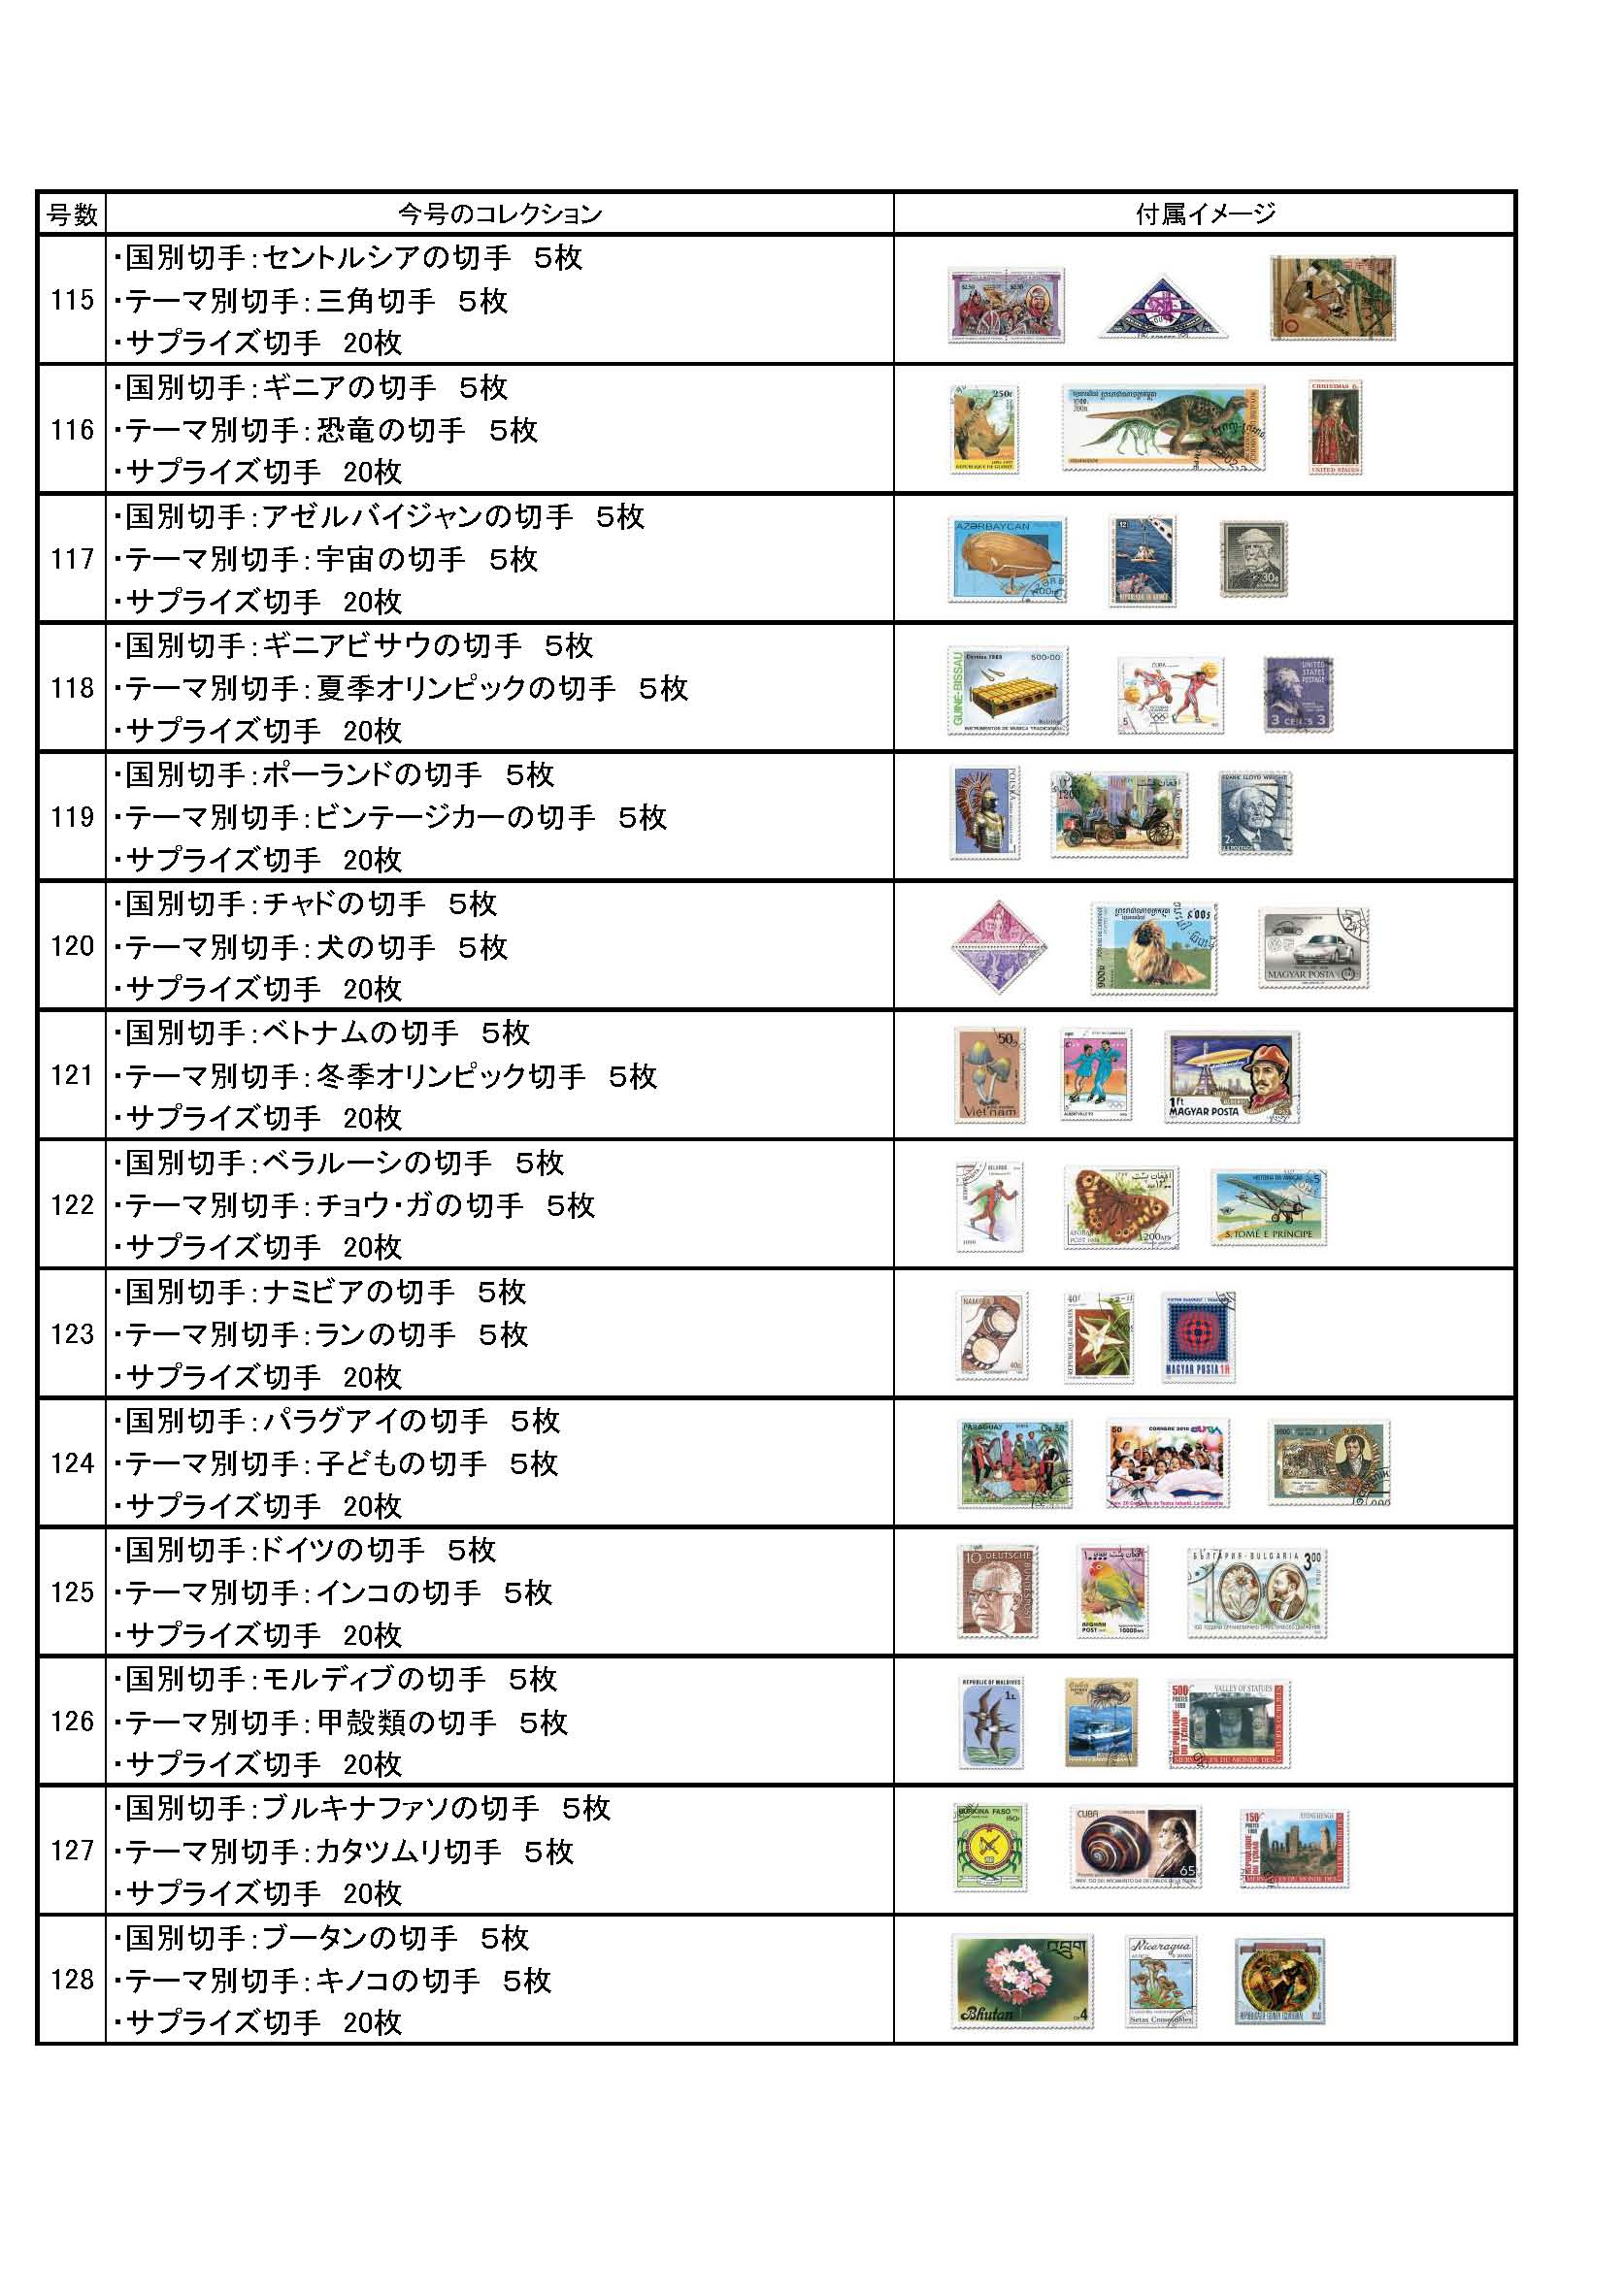 付属切手ラインナップ20170306_ページ_10.jpg